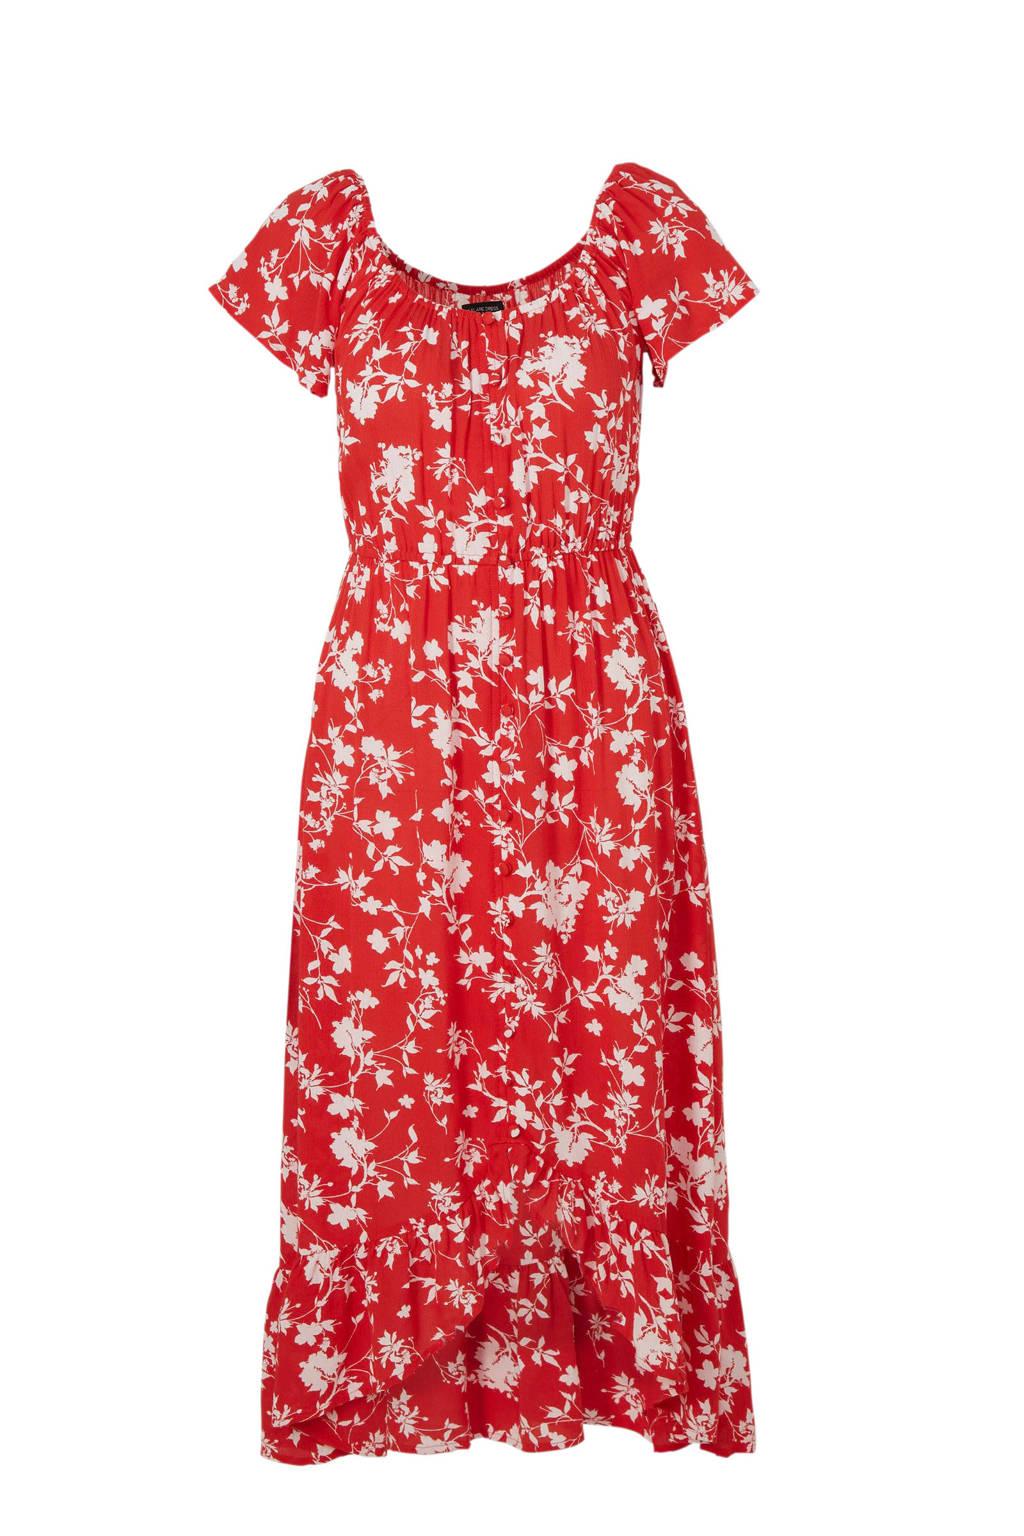 C&A Yessica gebloemde off shoulder jurk rood, Rood